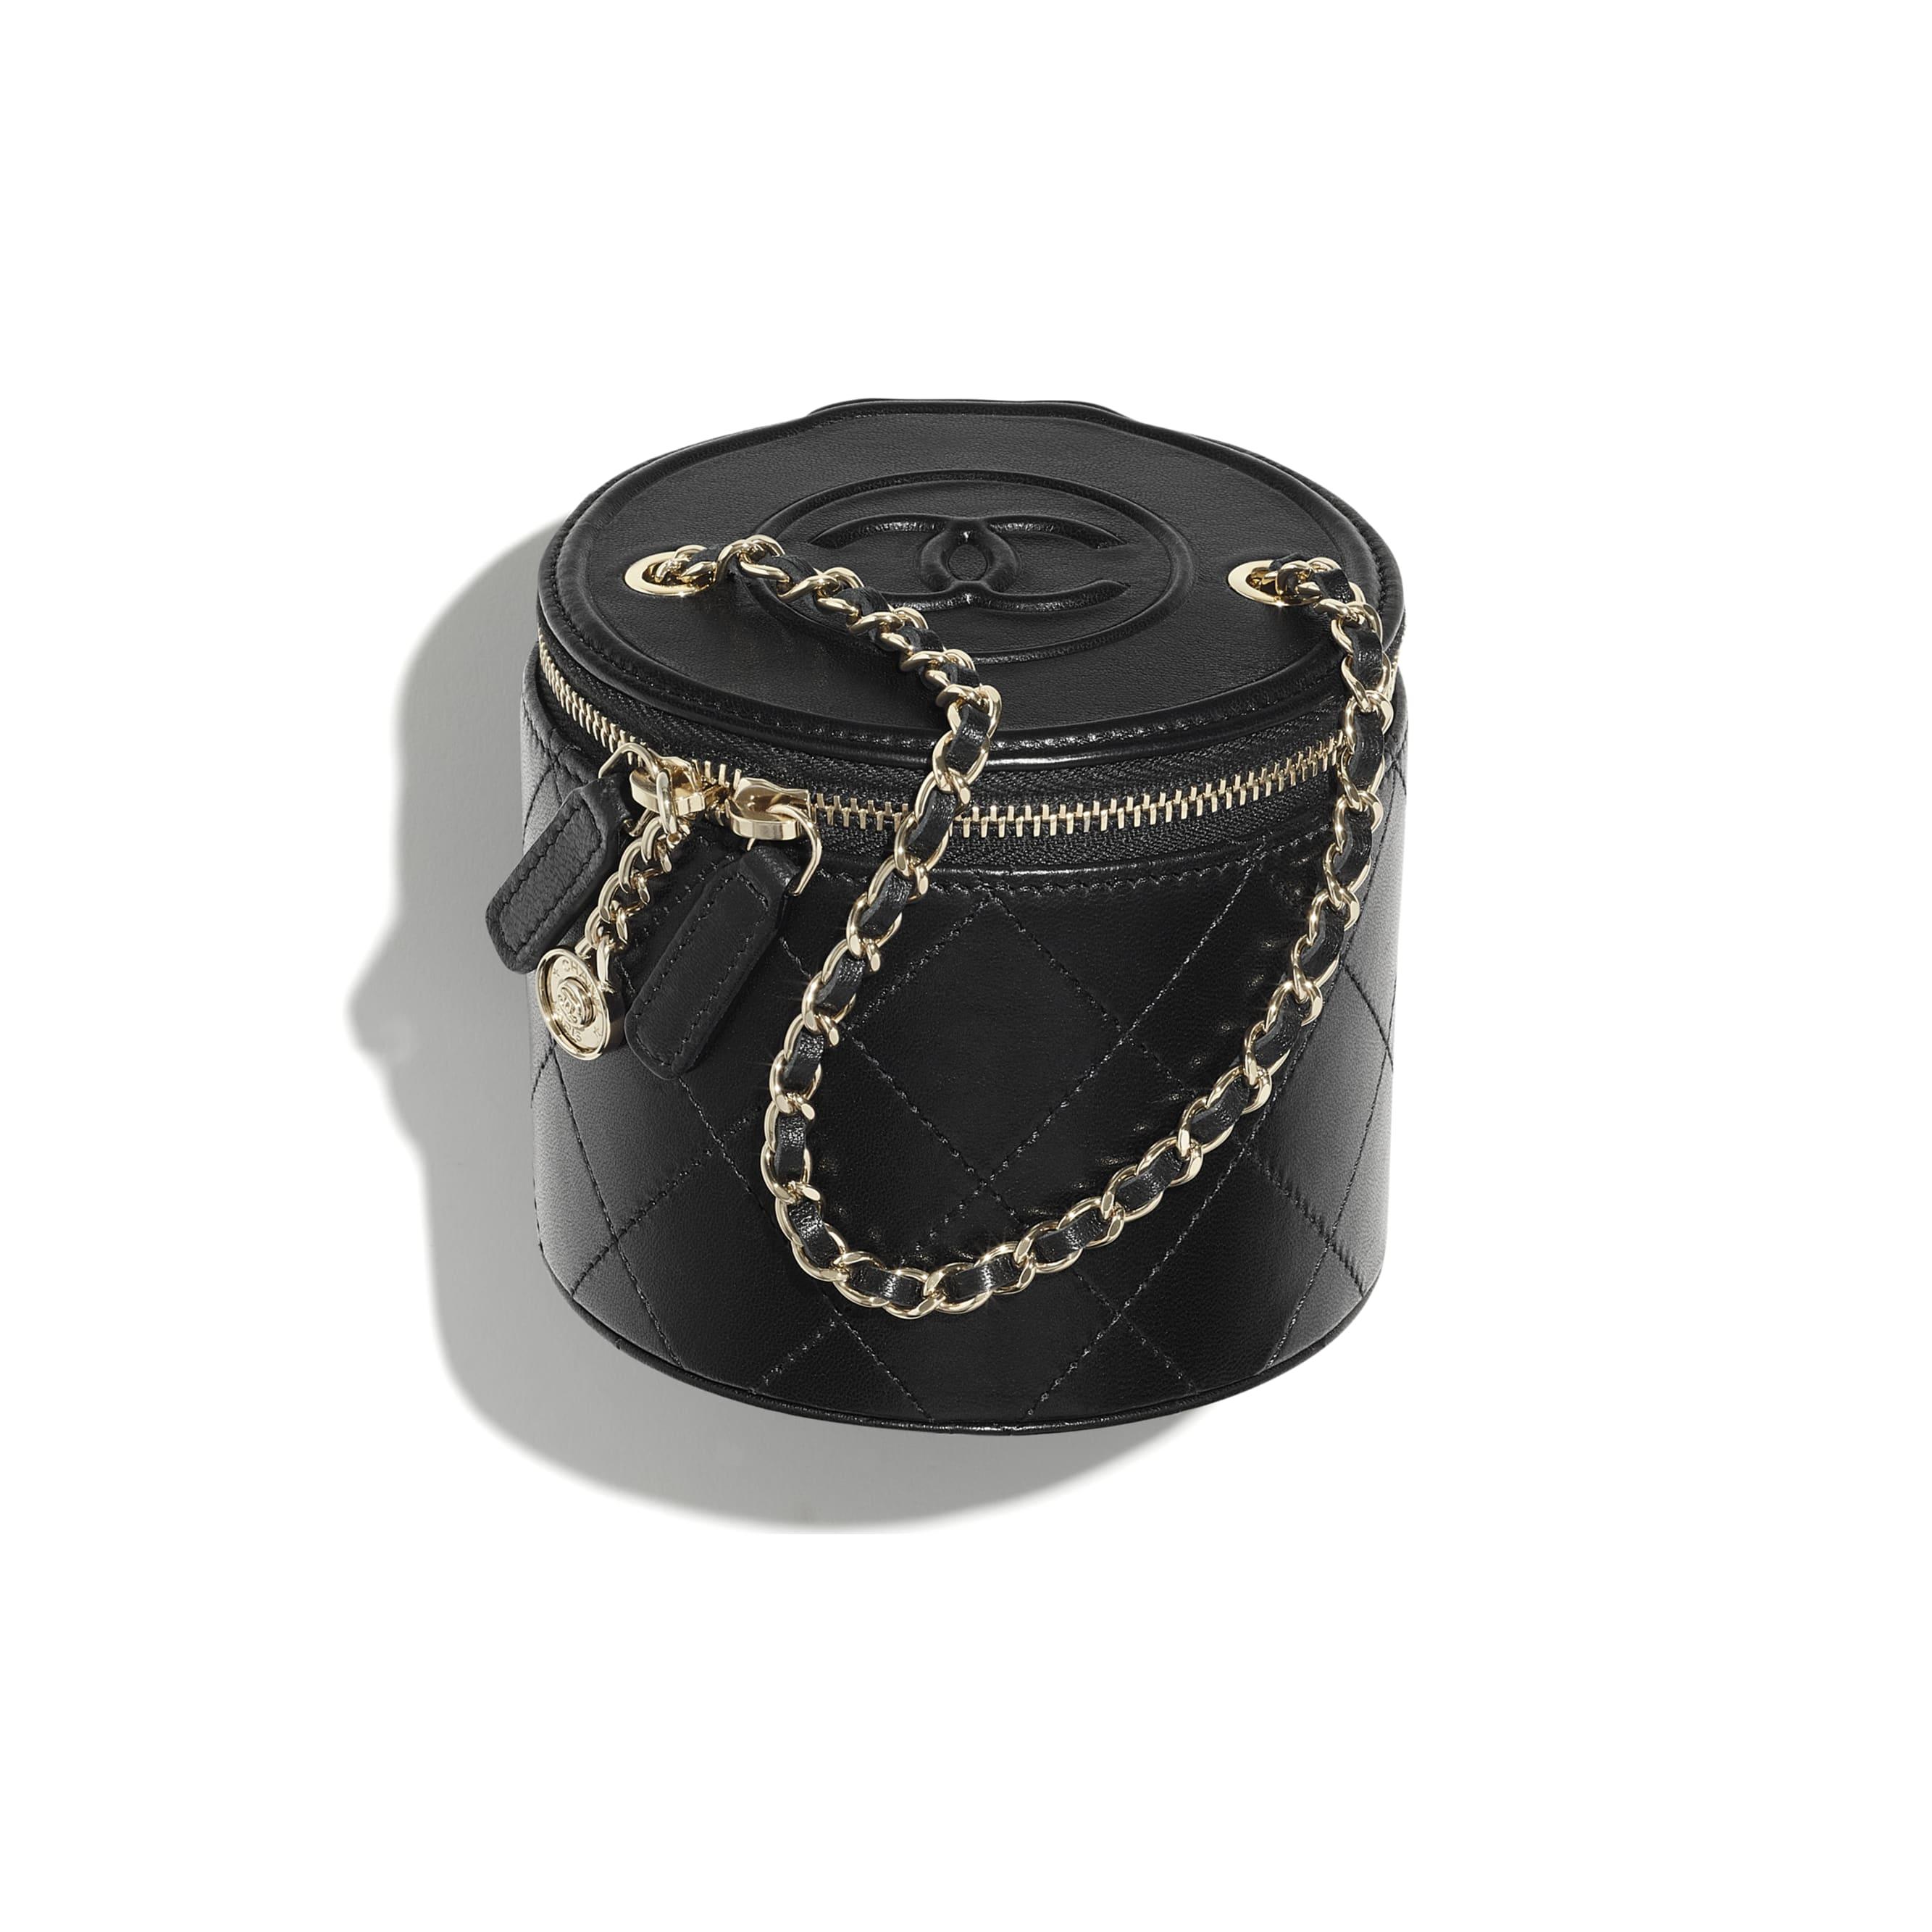 Косметичка Vanity на цепочке маленького размера - Черный - Кожа ягненка и золотистый металл - CHANEL - Вид по умолчанию - посмотреть изображение стандартного размера